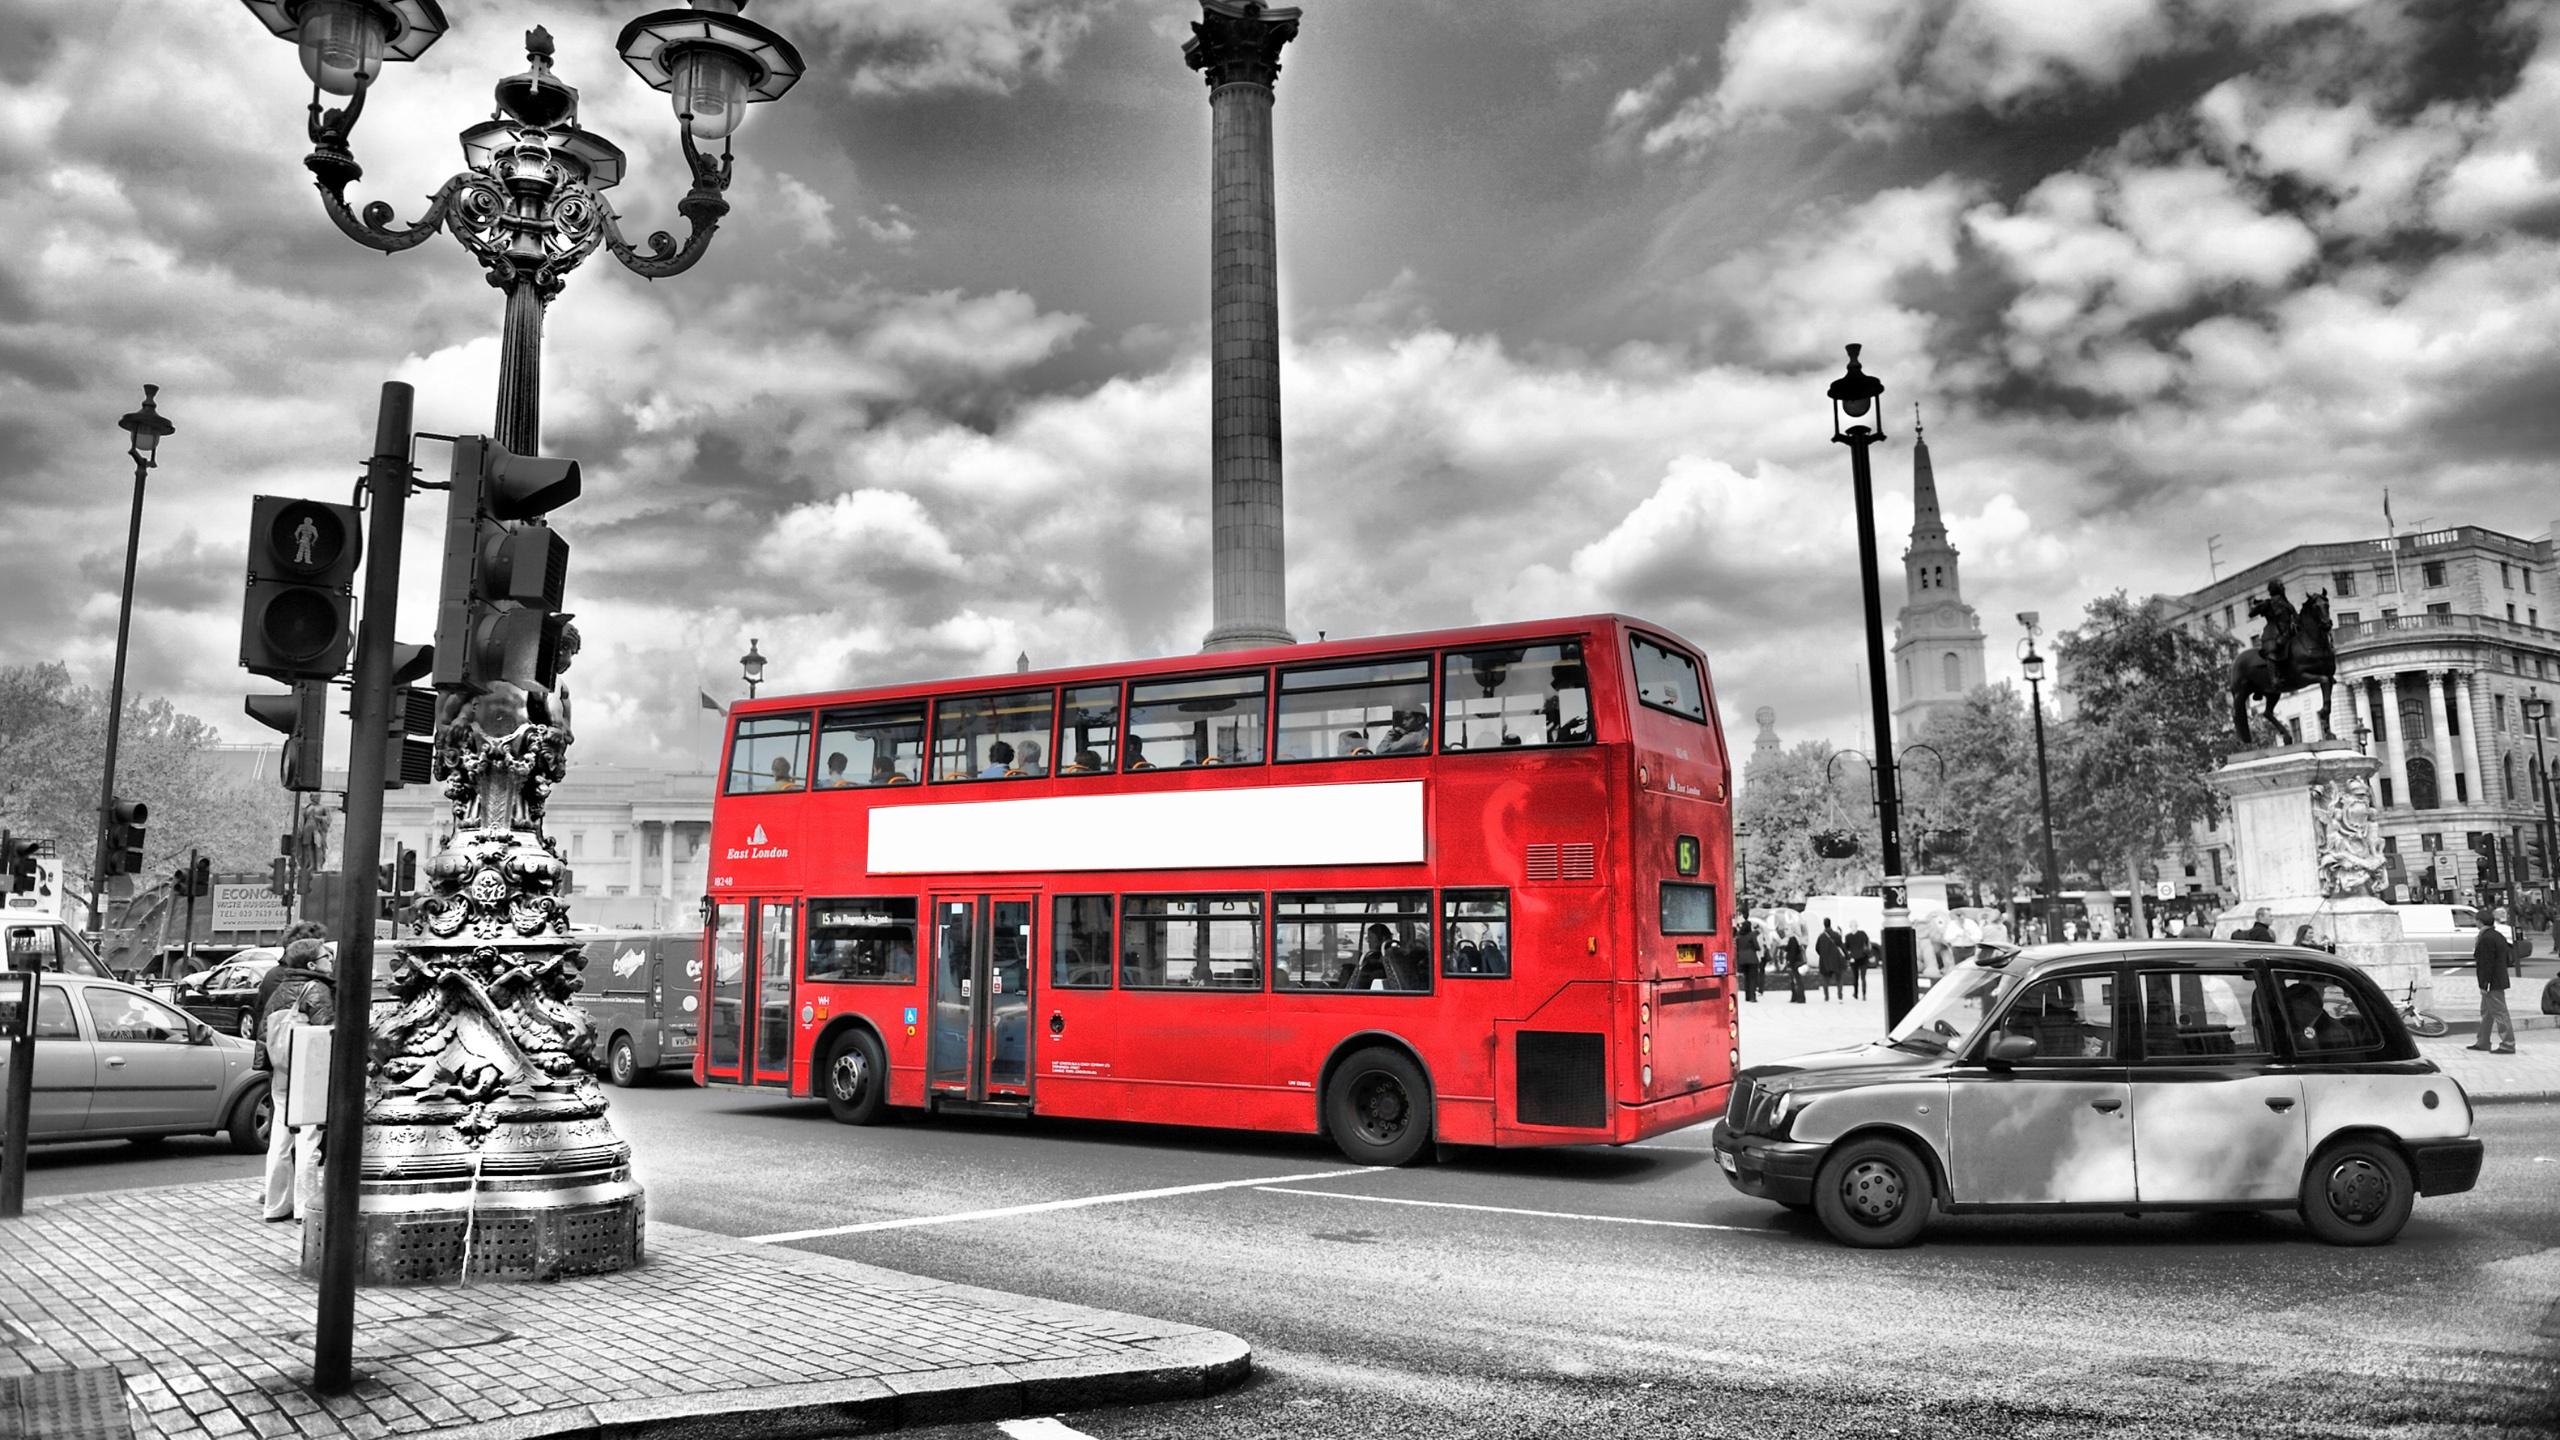 fonds d 39 cran london england rue autobus rouge route ville 2560x1600 hd image. Black Bedroom Furniture Sets. Home Design Ideas